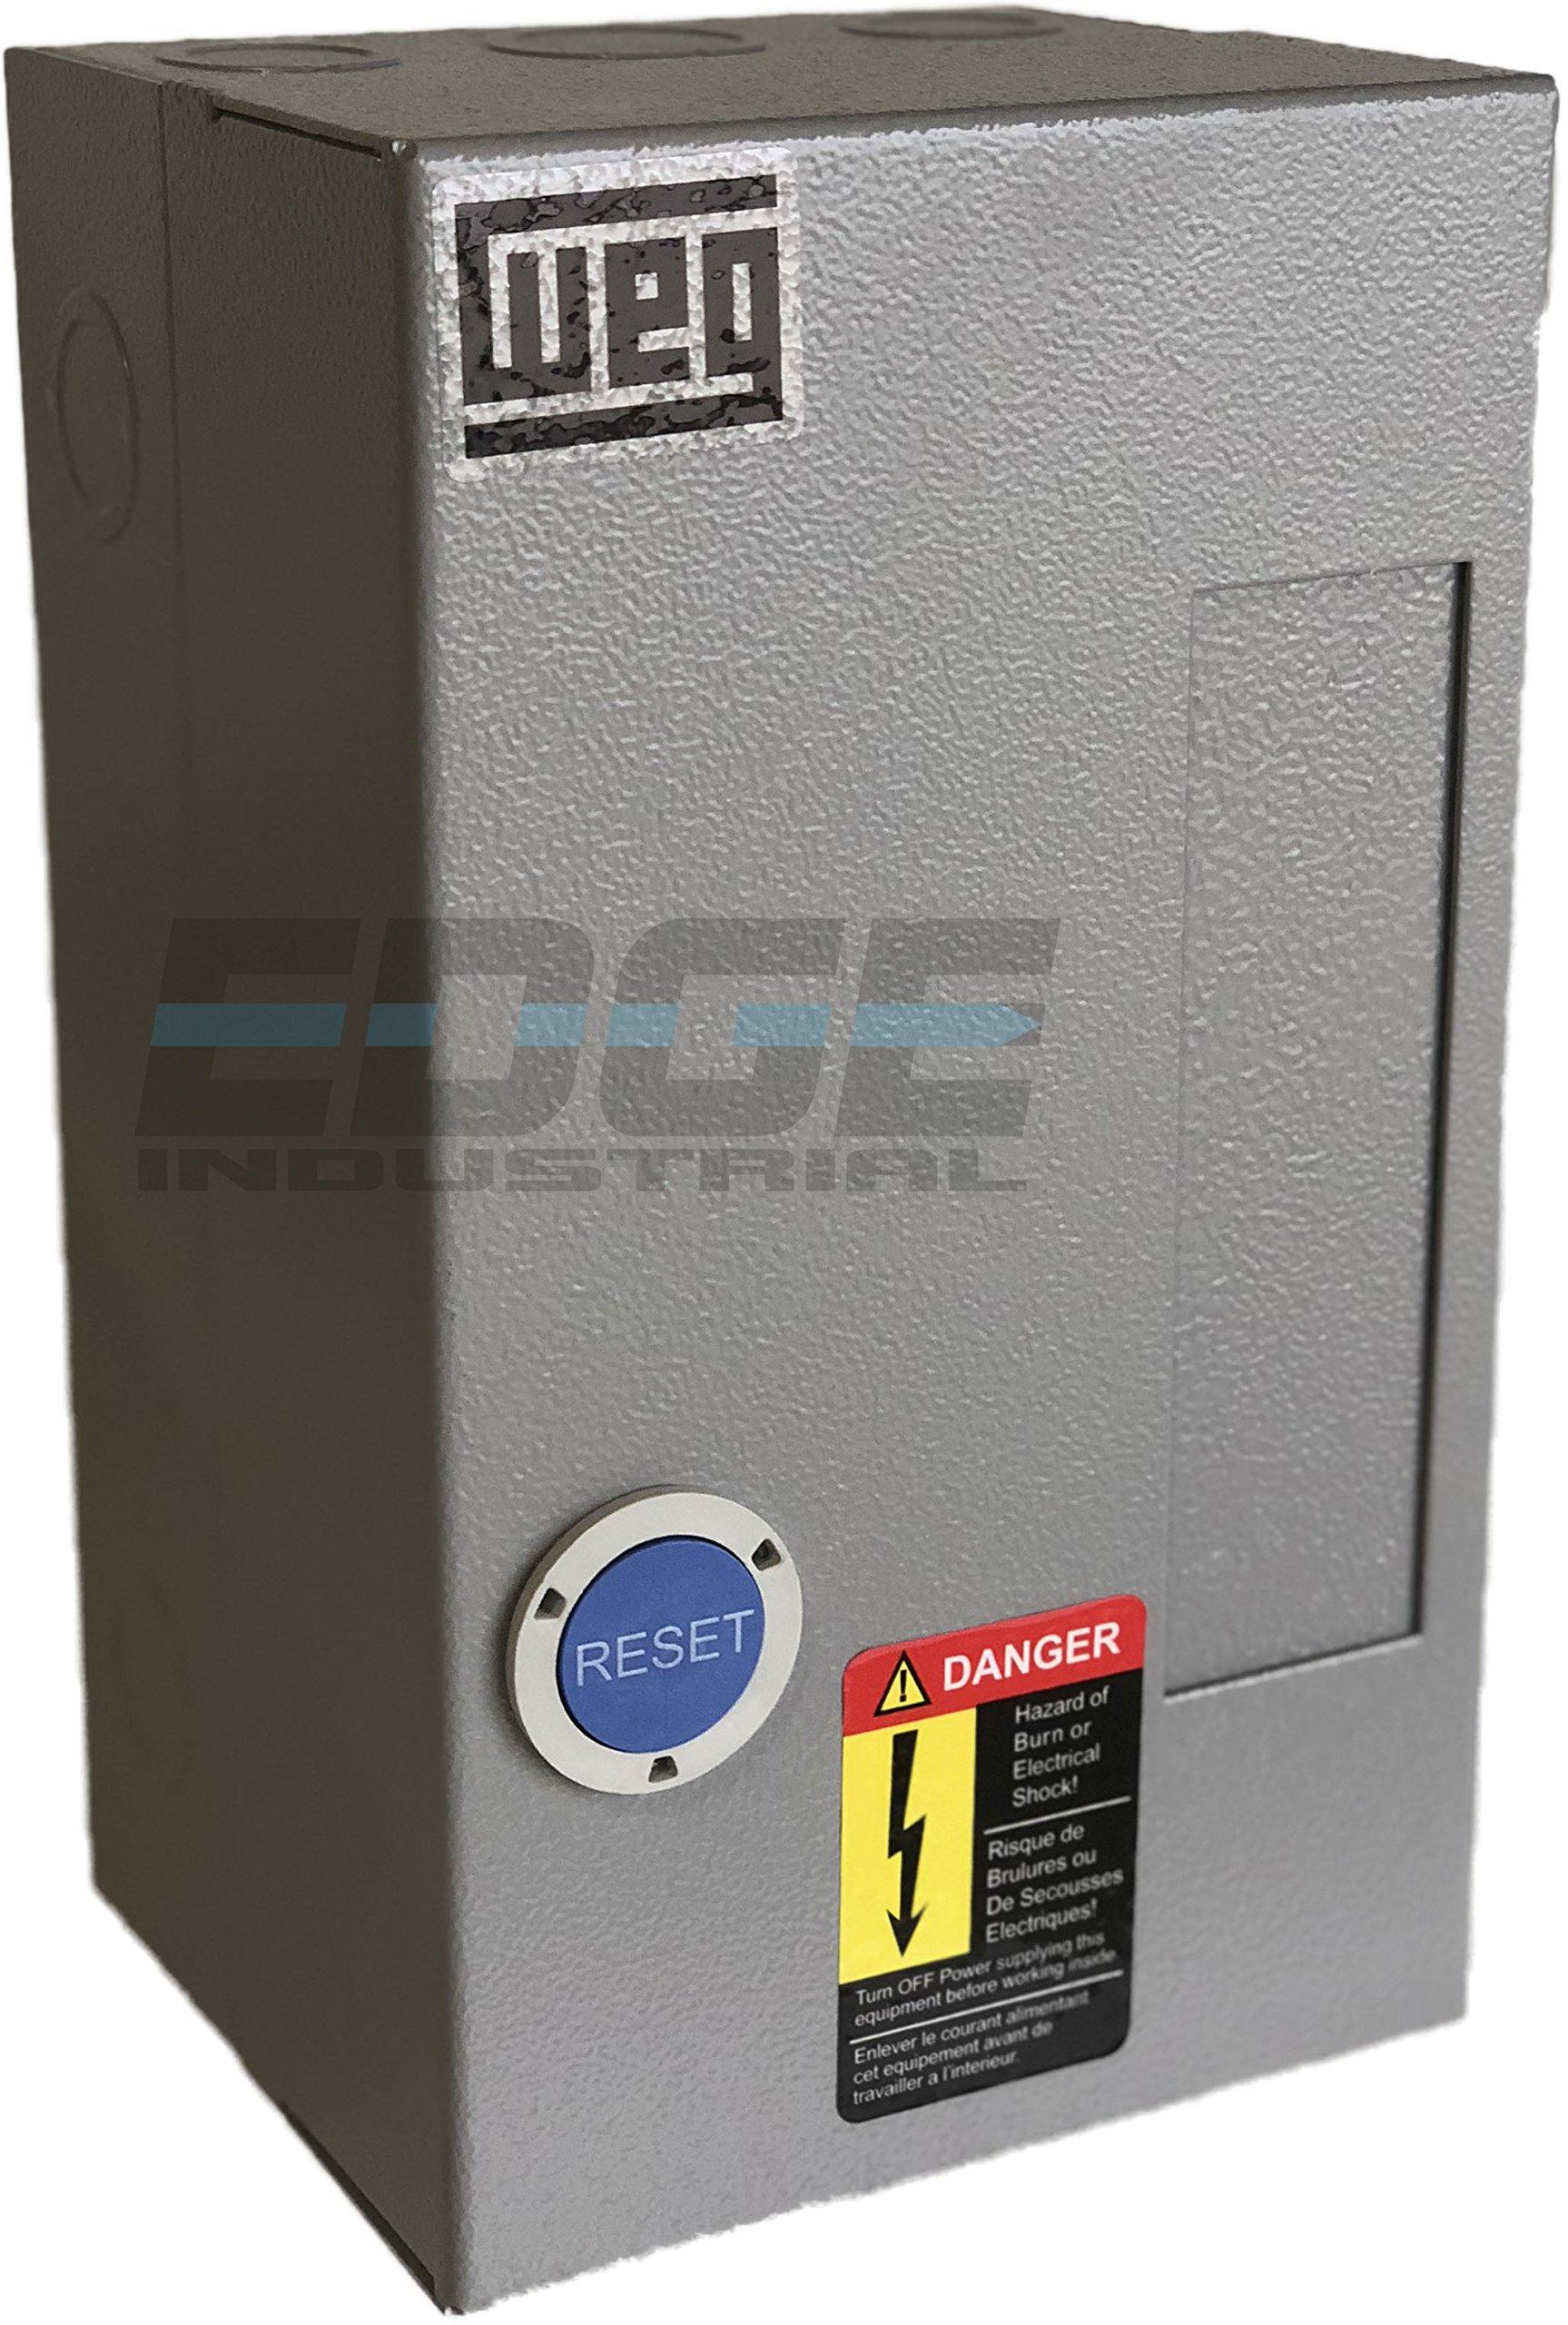 WEG MAGNETIC STARTER FOR ELECTRIC MOTOR AIR COMRPESSOR 5HP 1 PHASE 230V 32 AMP